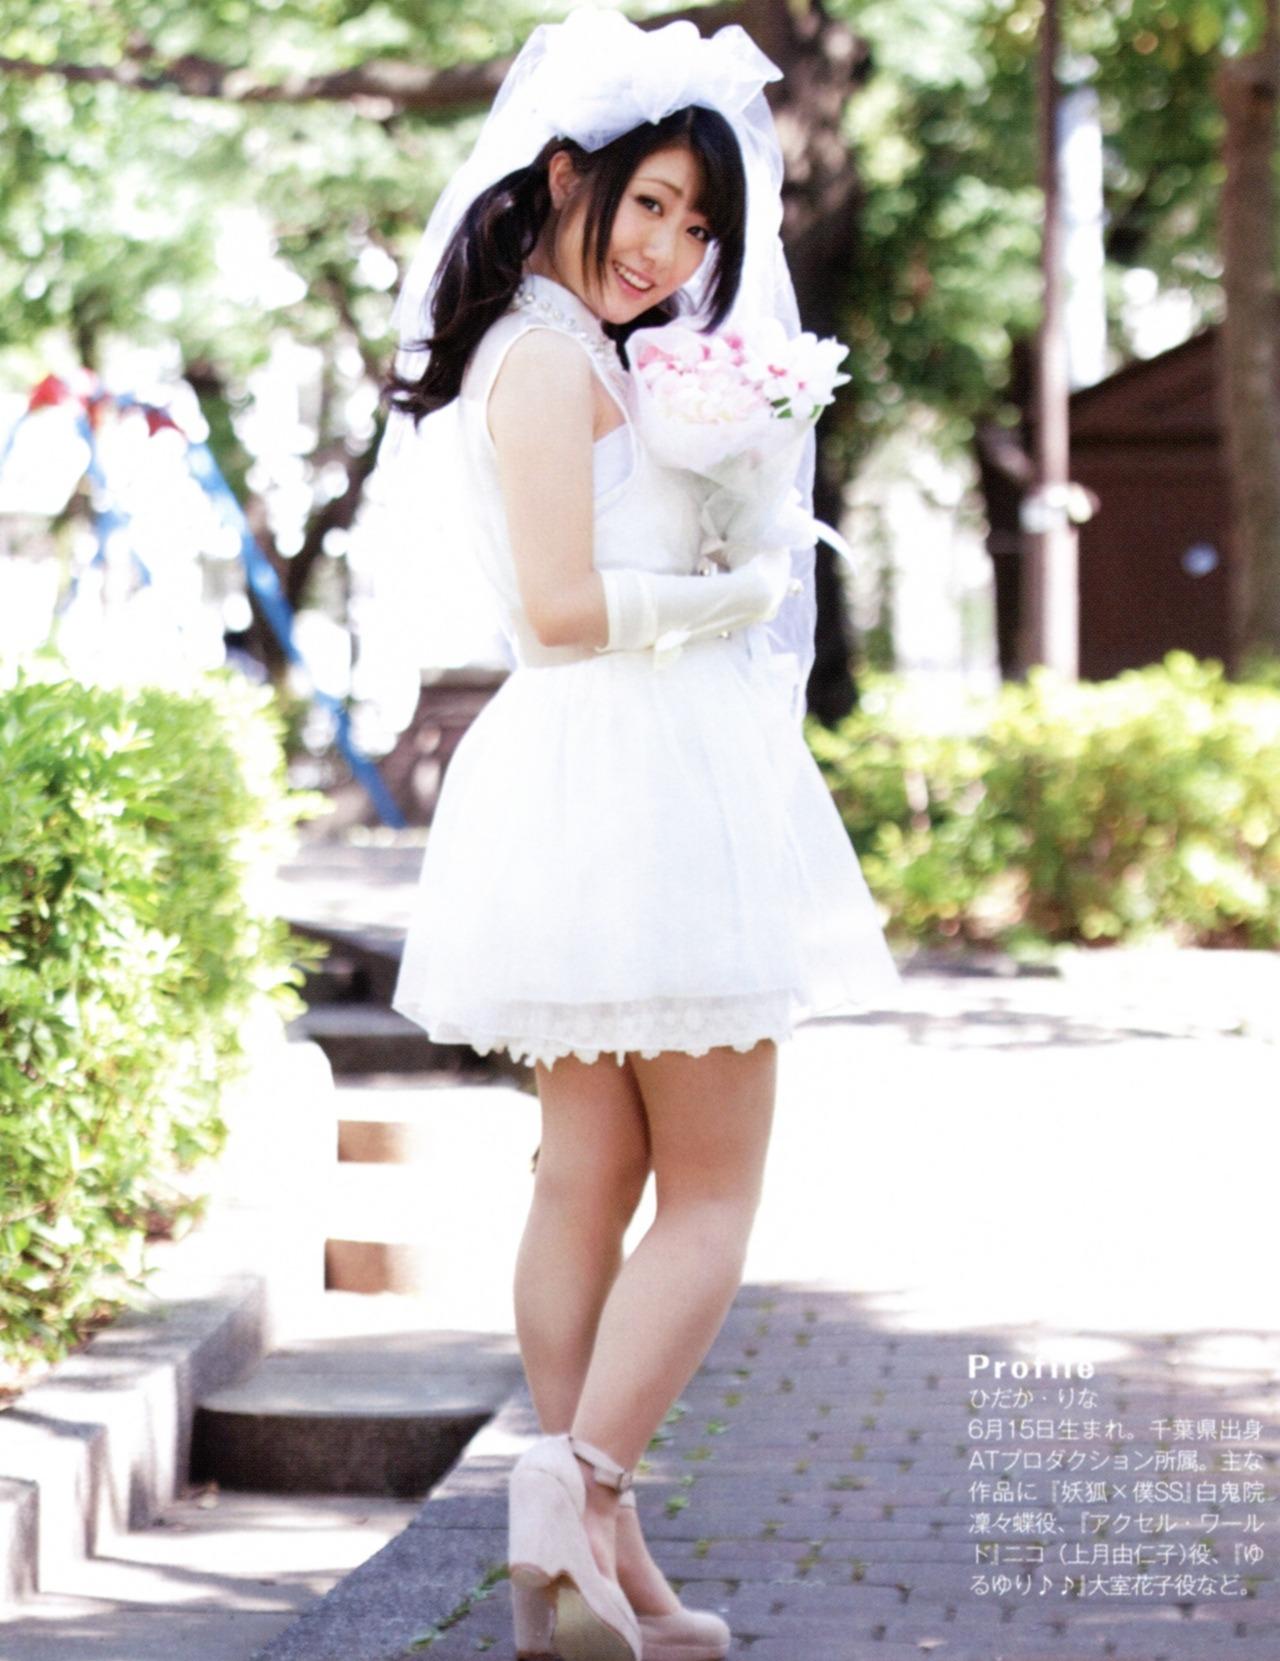 hidaka_rina032.jpg